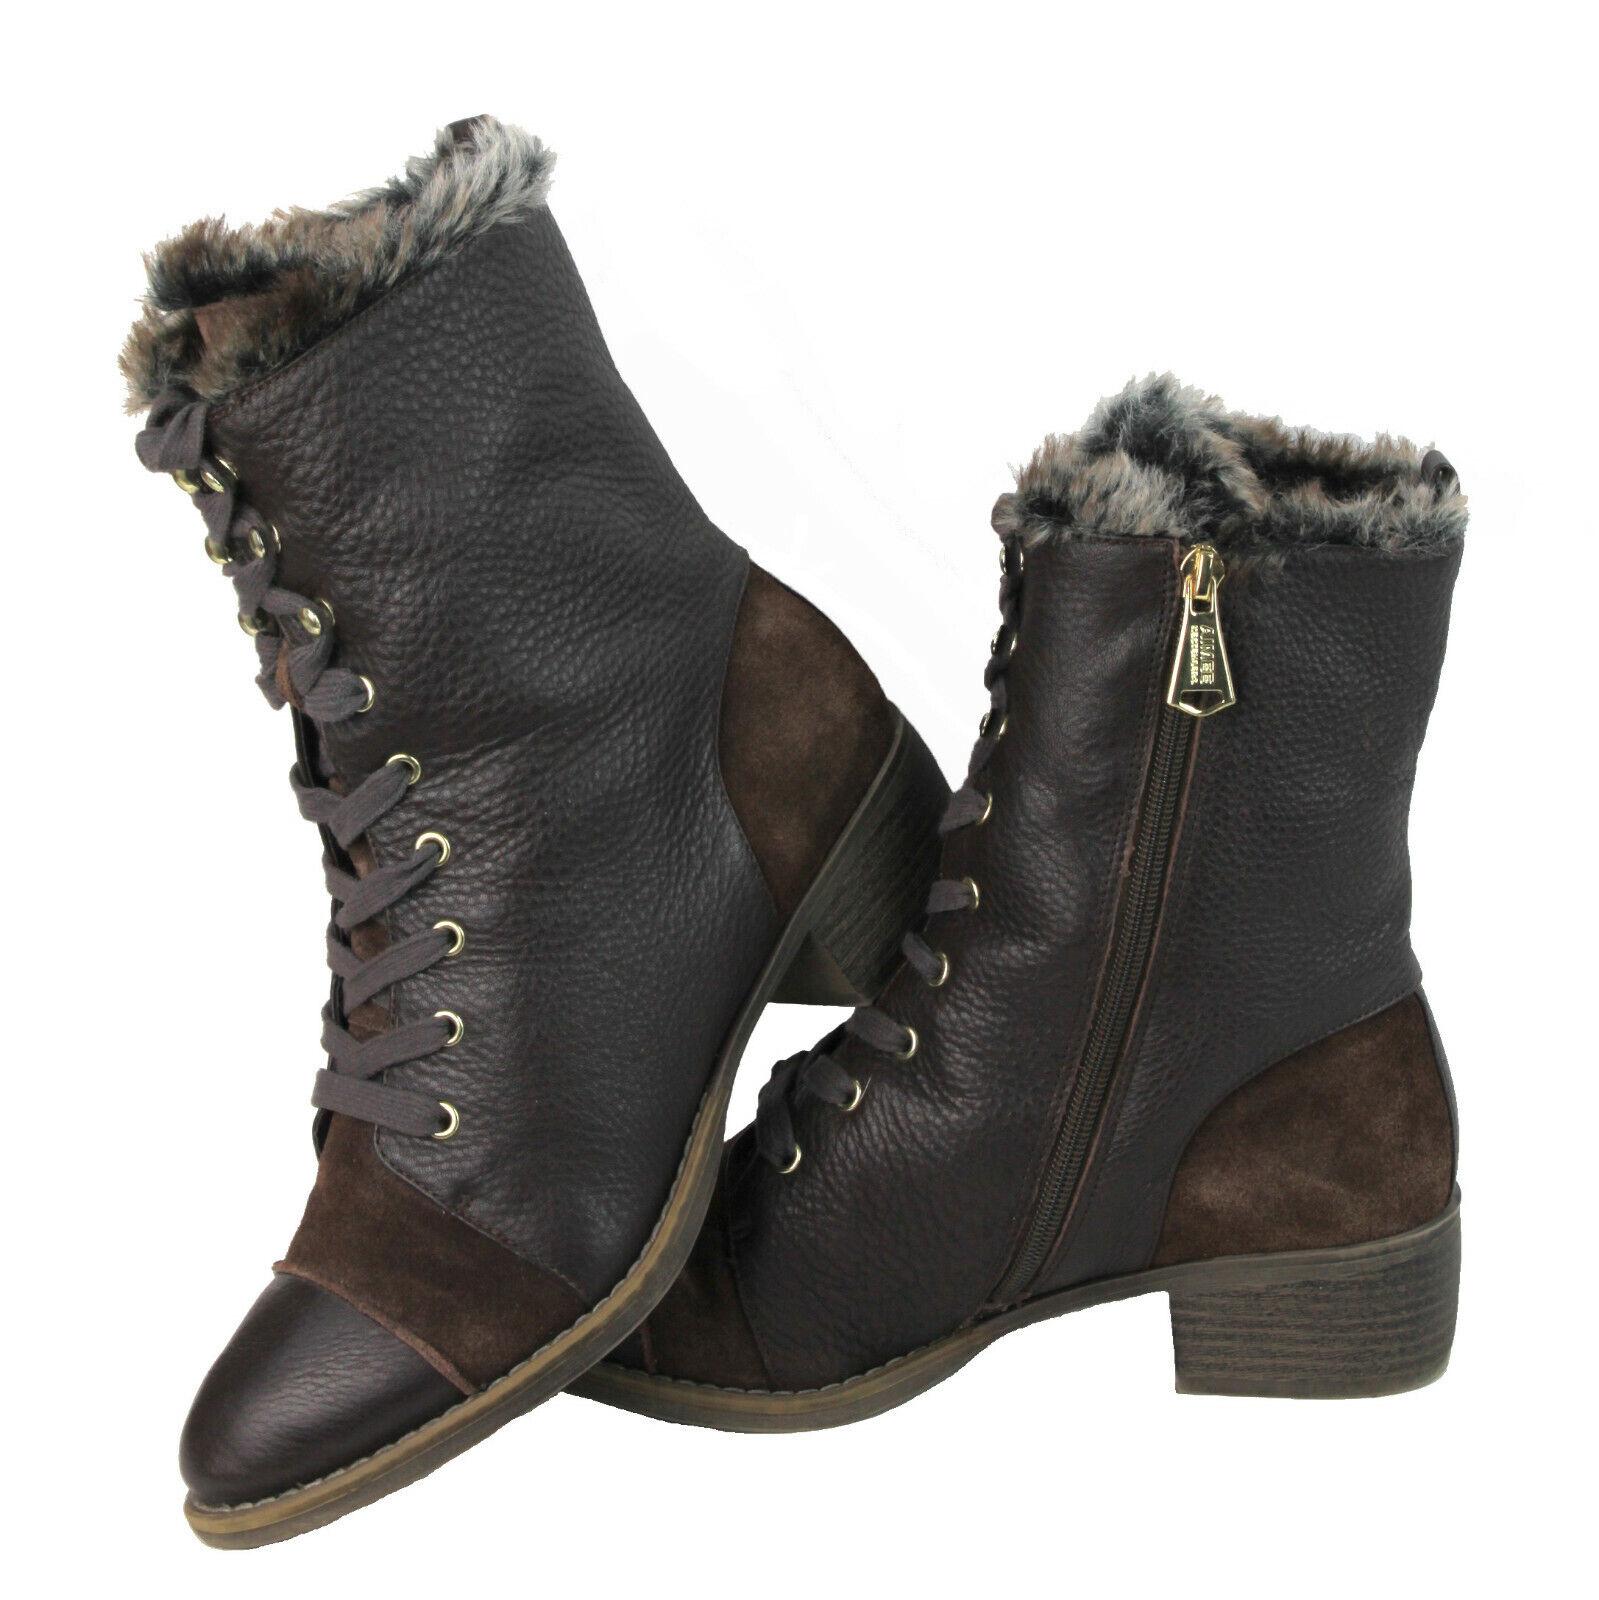 más descuento Aimee Aimee Aimee Kestenberg Leilani Con Cordones botas De Piel Sintética Cuero Marrón Chocolate M  precios bajos